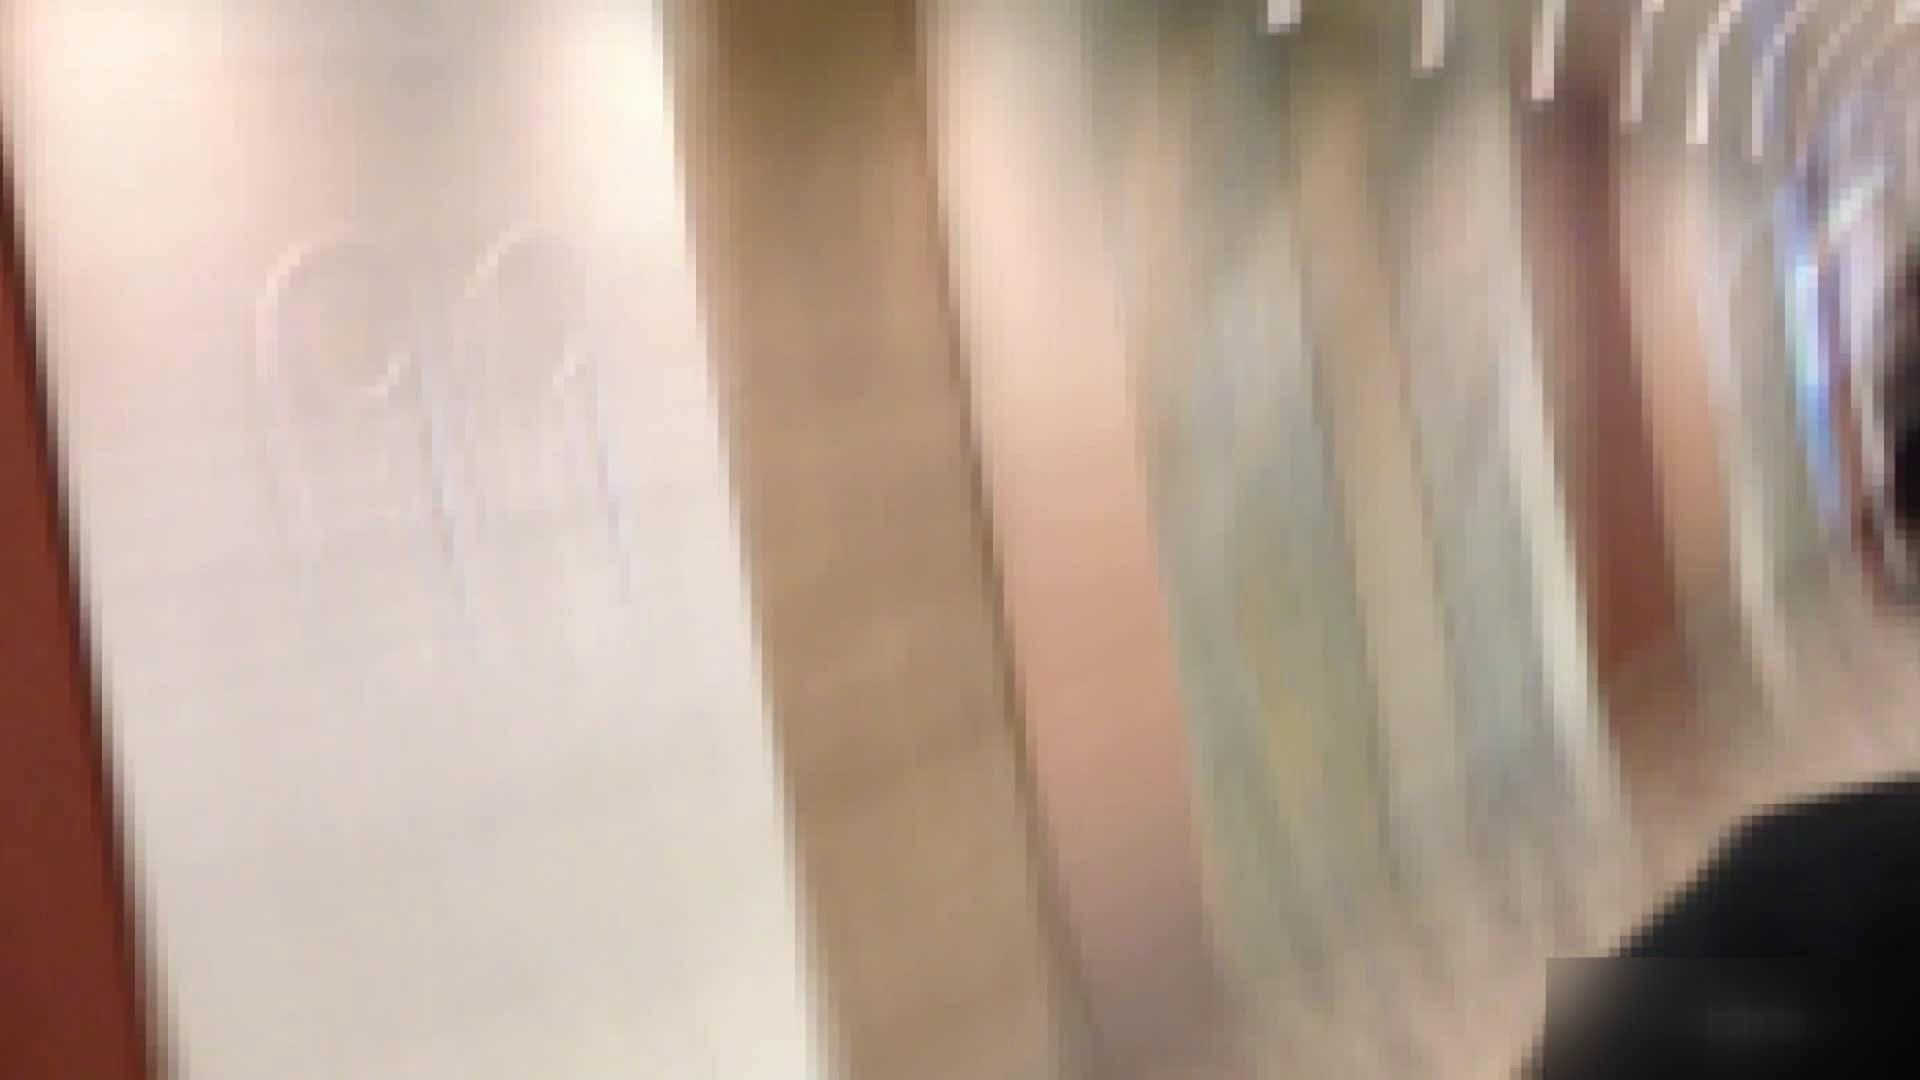 ガールズパンチラストリートビューVol.002 OLすけべ画像 盗撮動画紹介 39連発 10